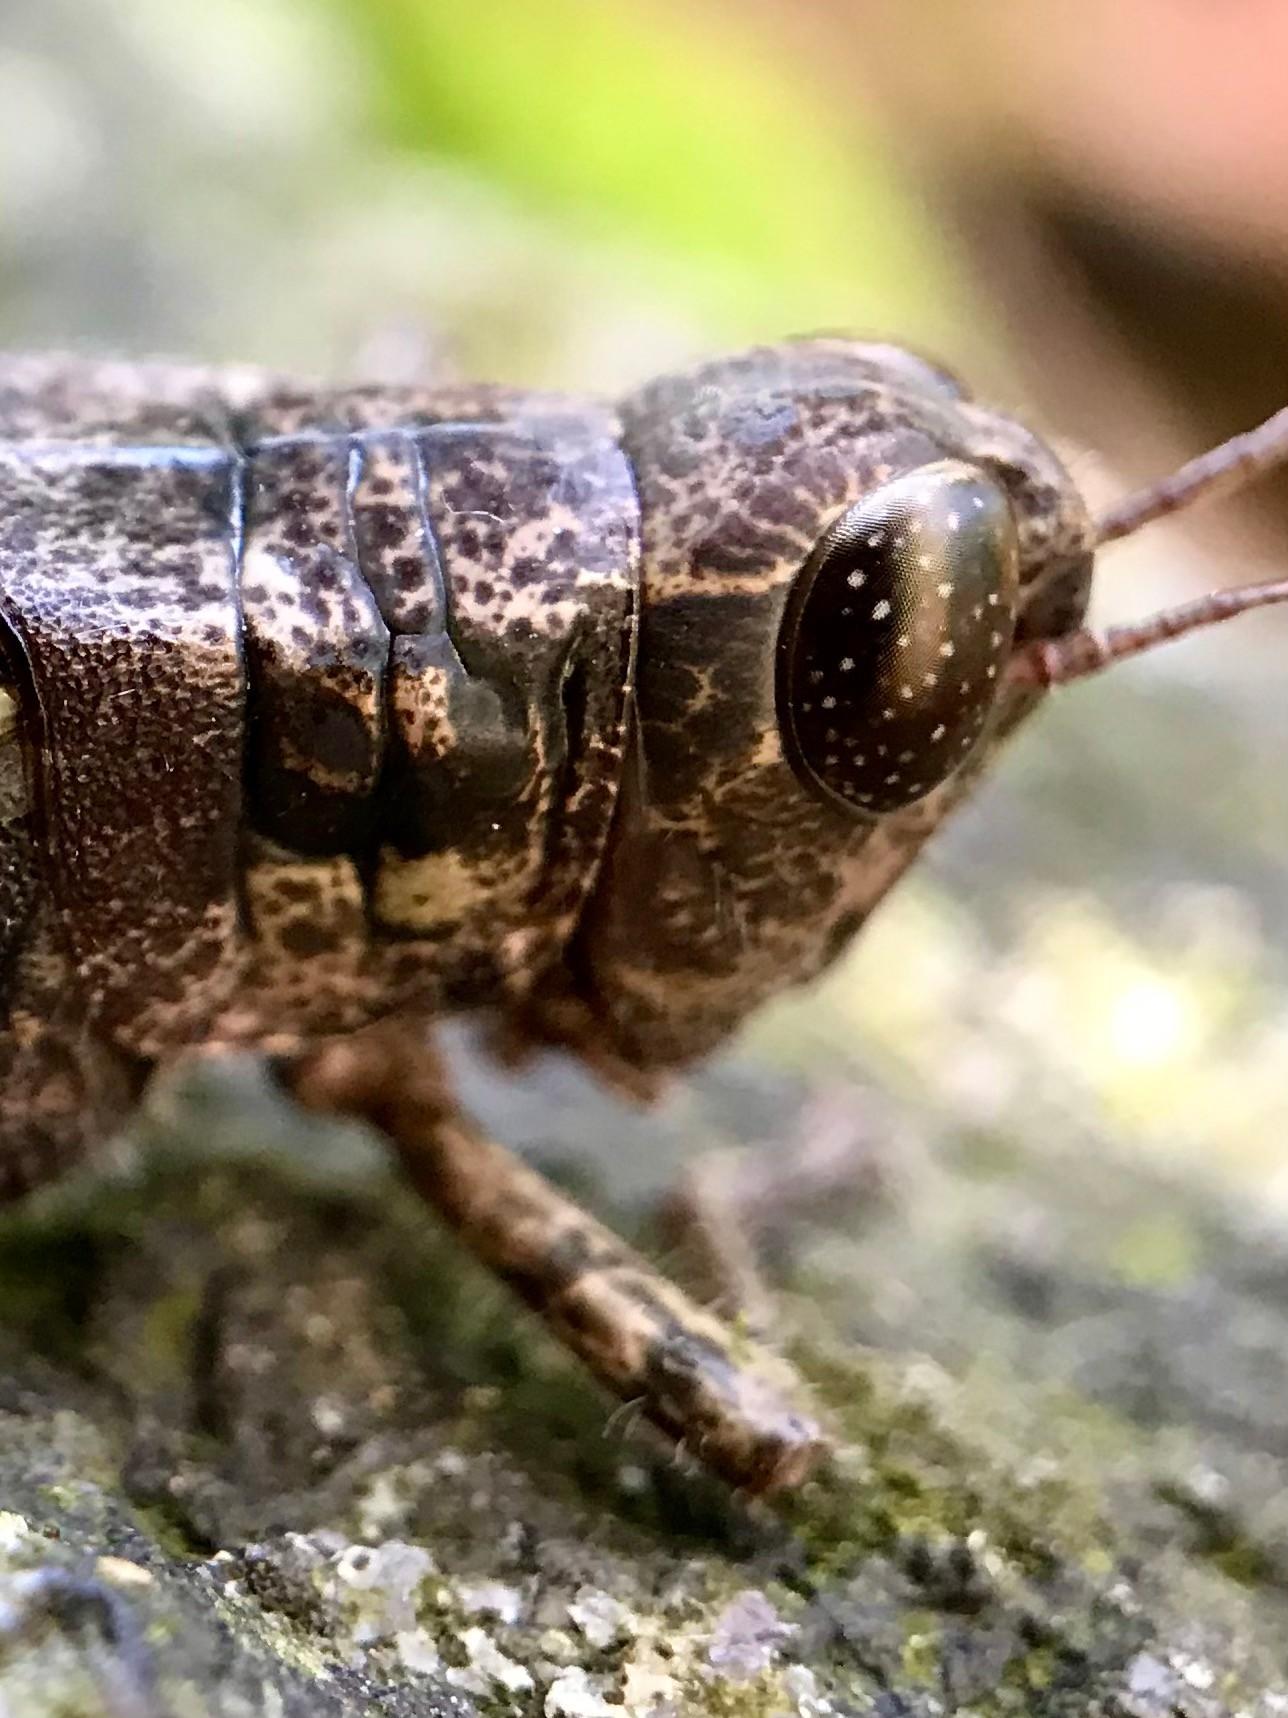 Grasshoppa!